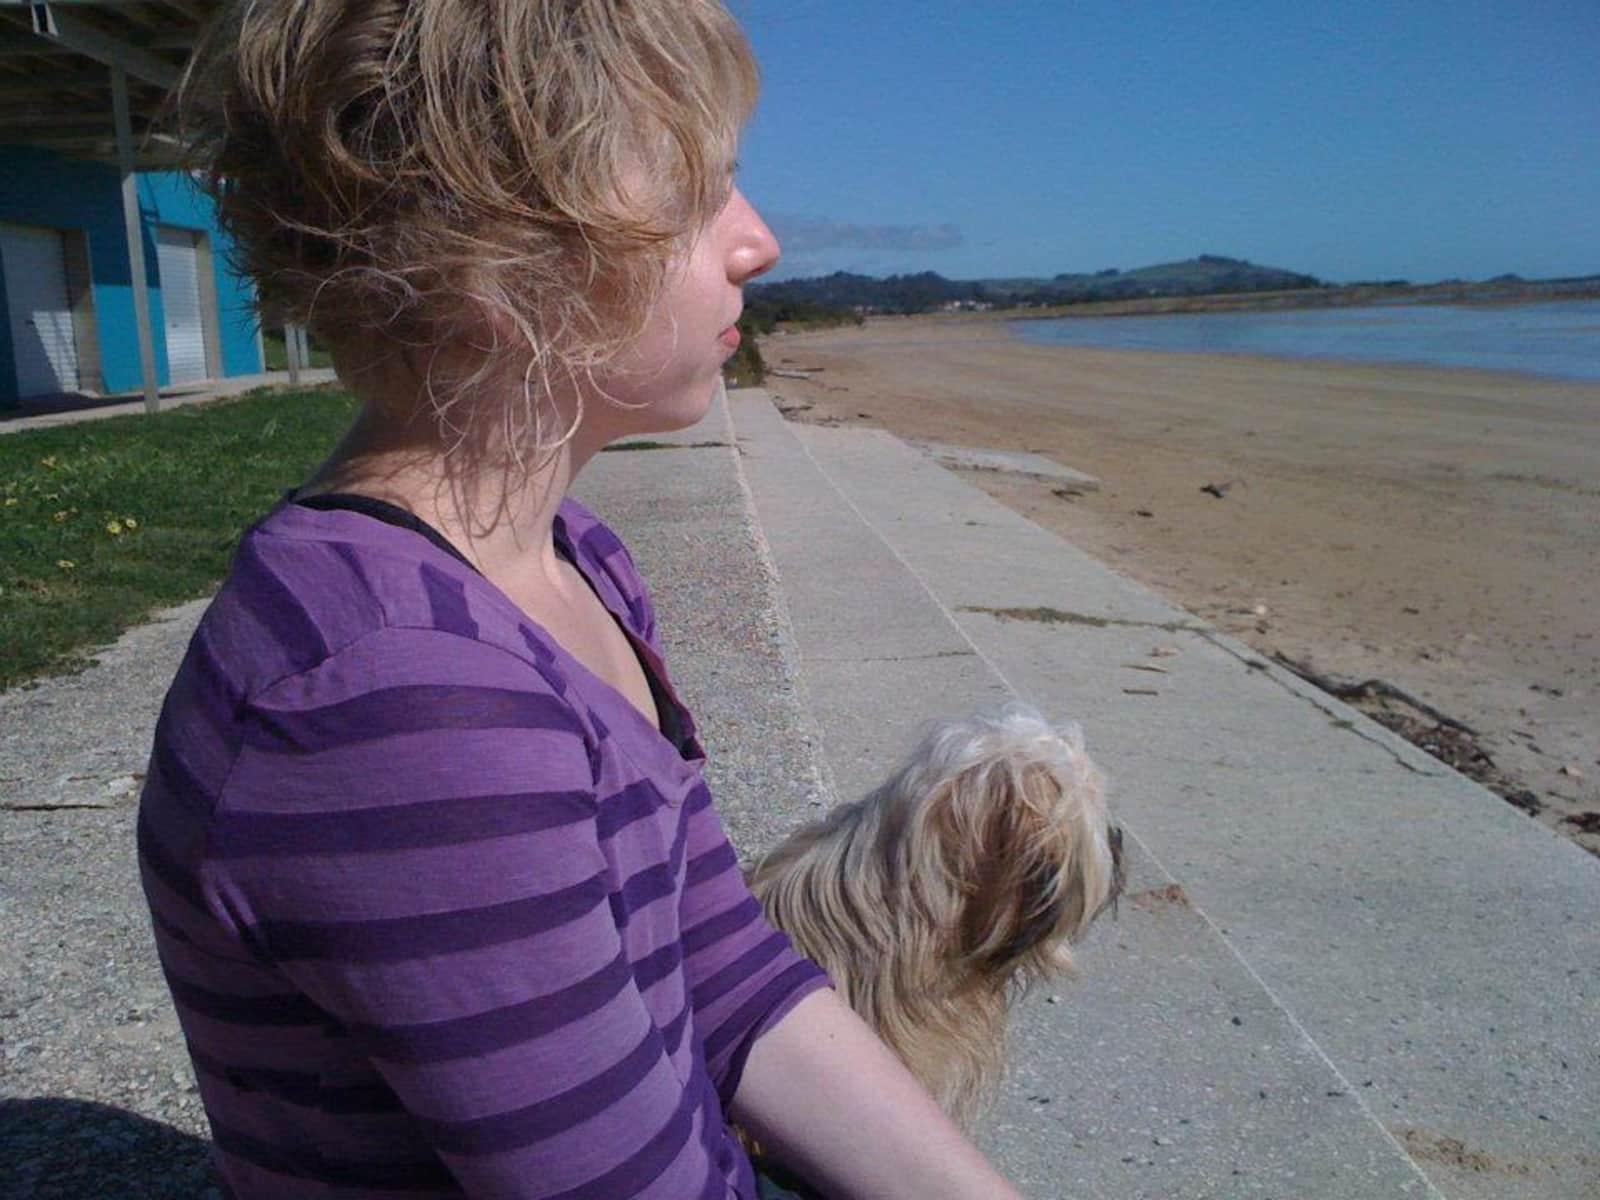 Chloe from Melbourne, Victoria, Australia